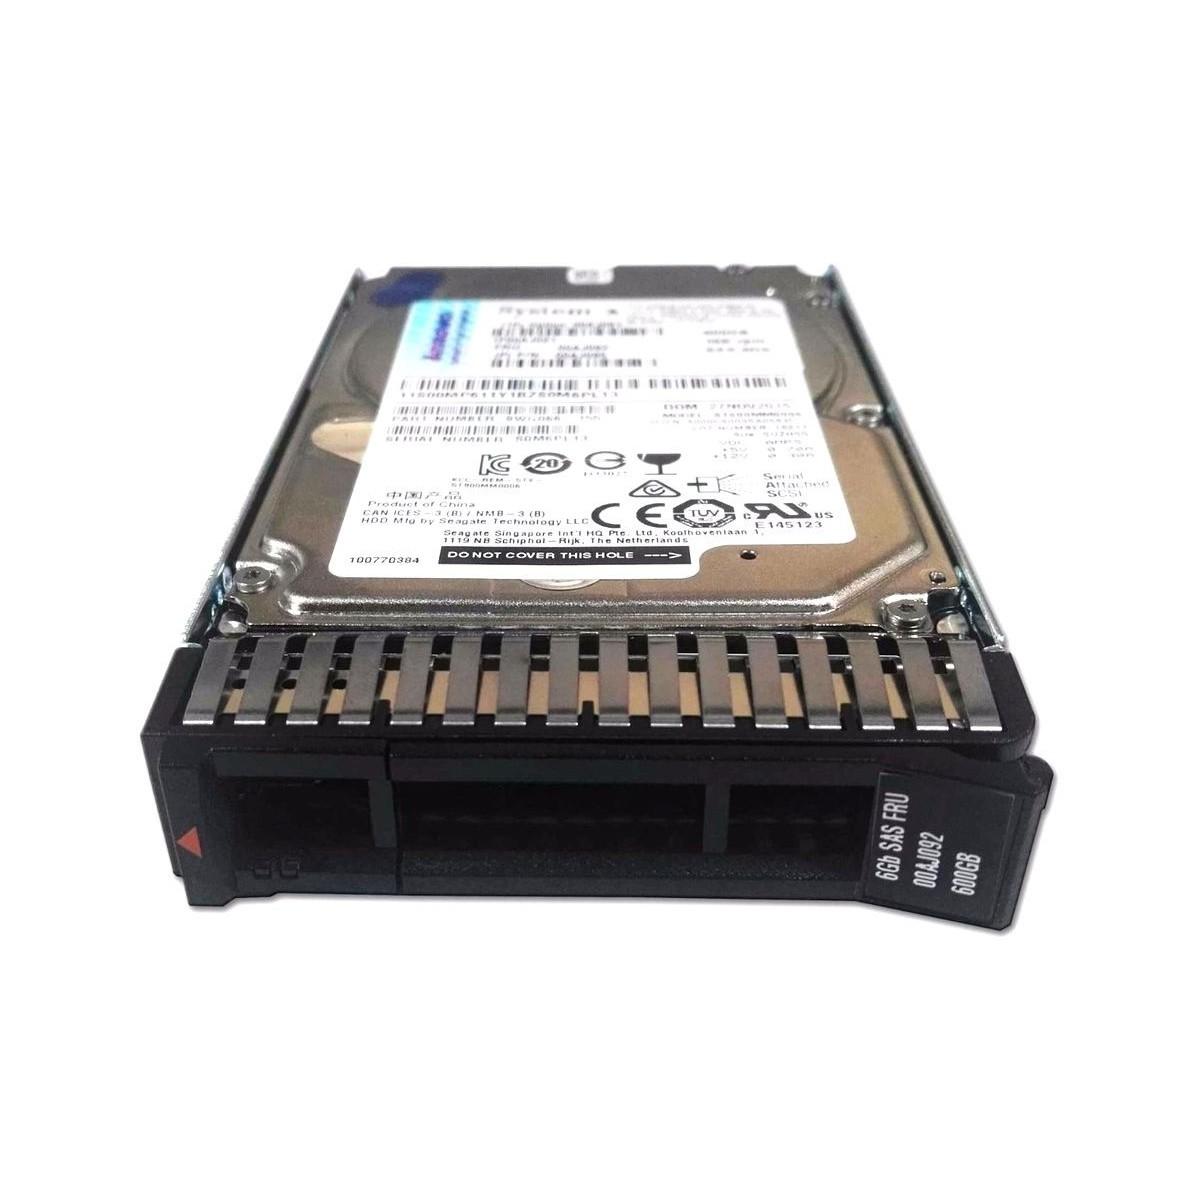 KARTA SIECIOWA HP NC382T 2x1GBit PCI-e 453055-001